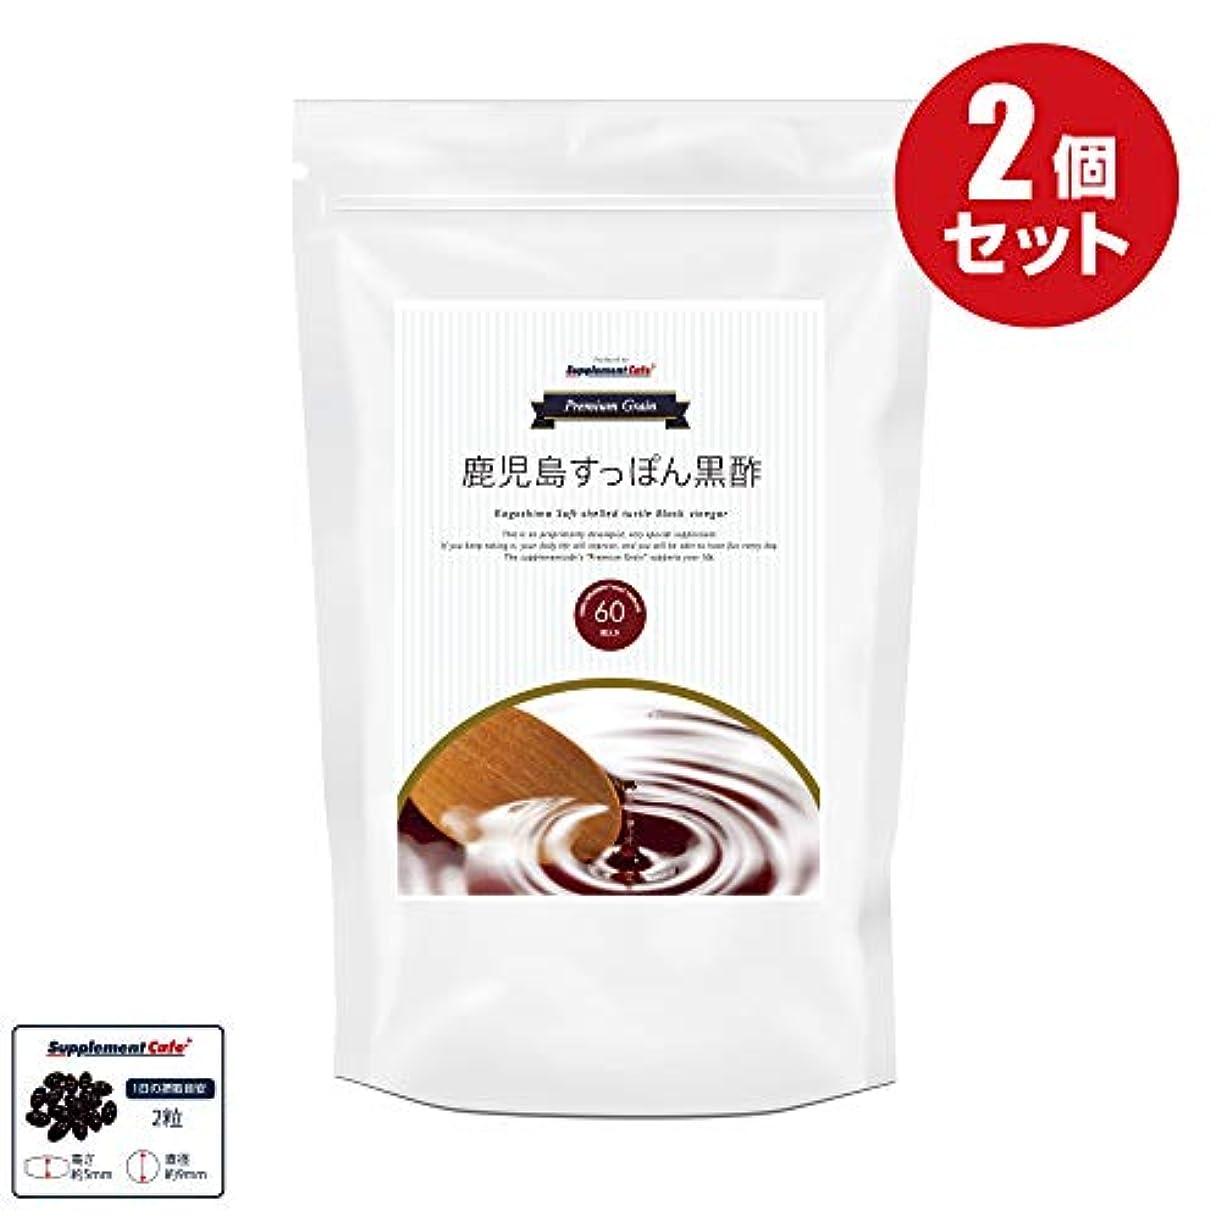 考えた着服メロン【2袋セット】Premium Grain 鹿児島すっぽん黒酢/すっぽん黒酢/福山産  約60日分